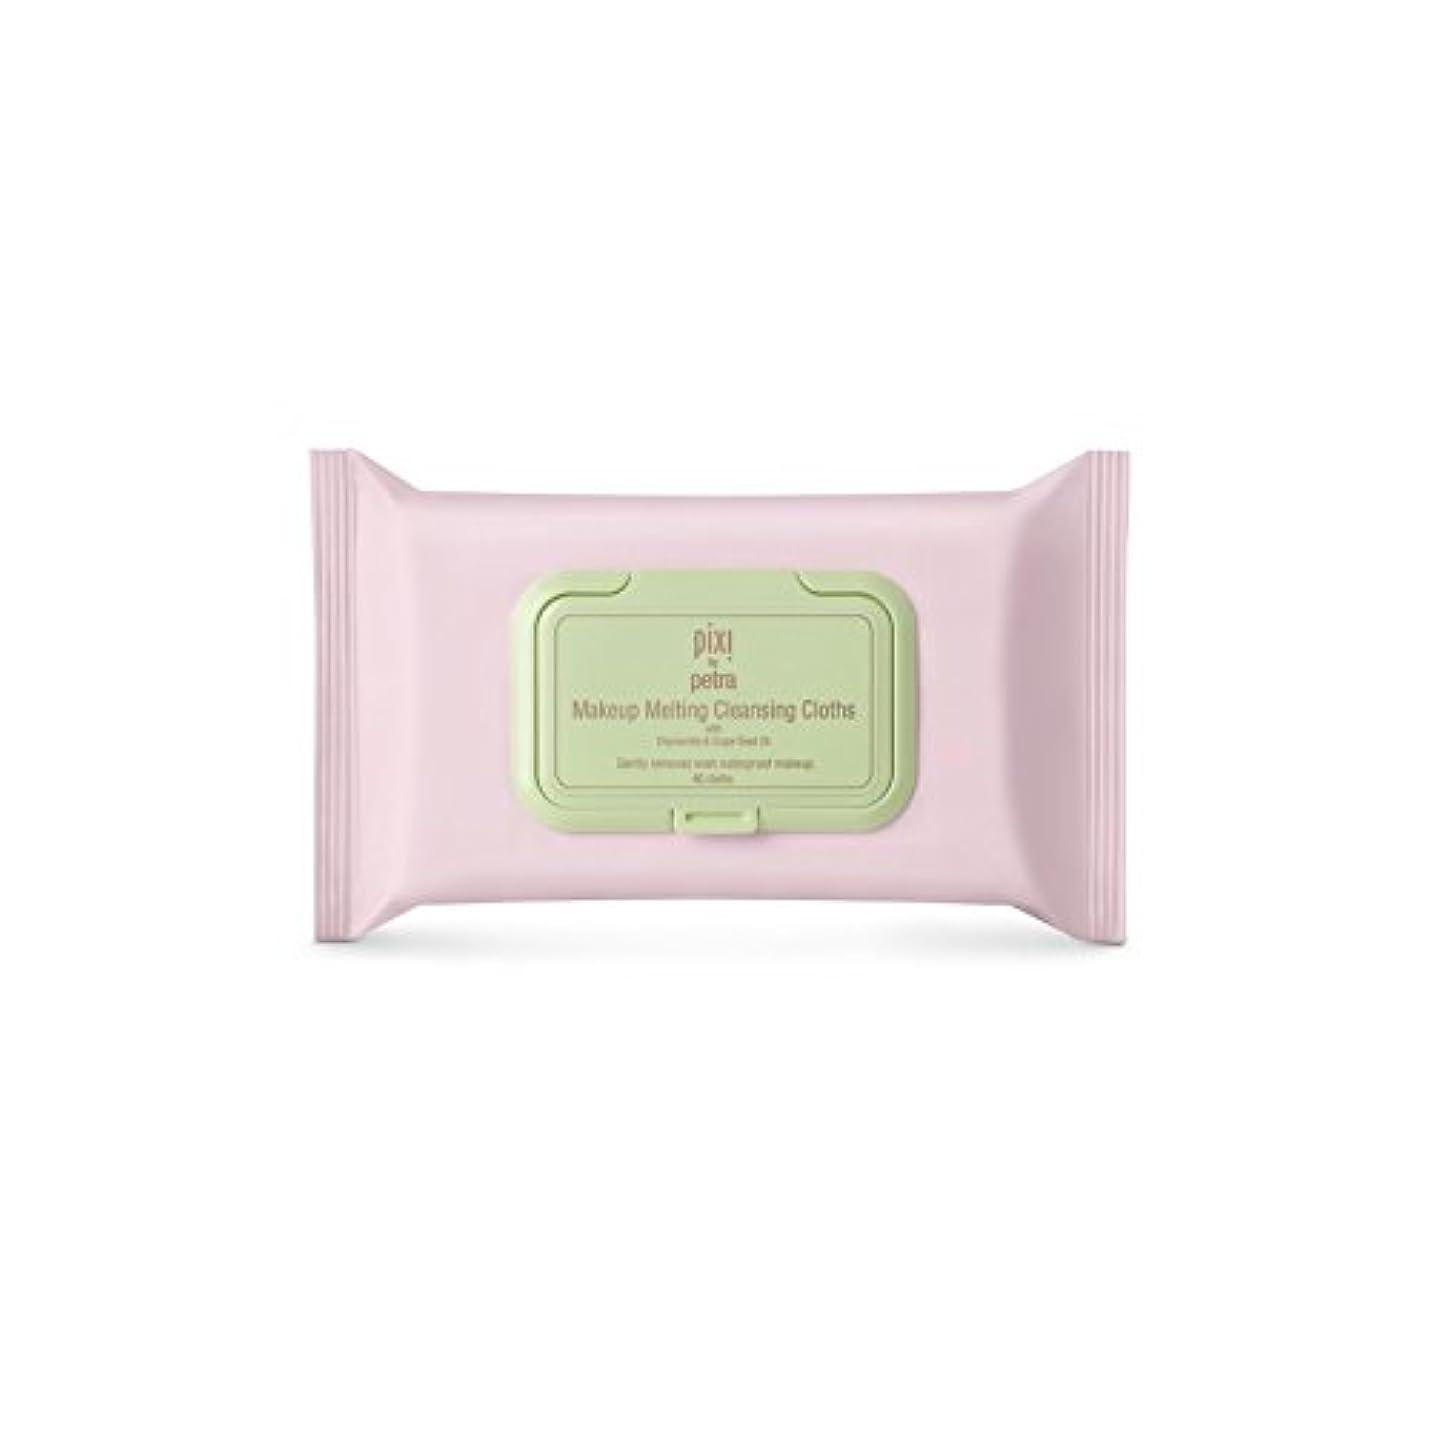 化粧溶融クレンジングクロス x2 - Pixi Makeup Melting Cleansing Cloths (Pack of 2) [並行輸入品]